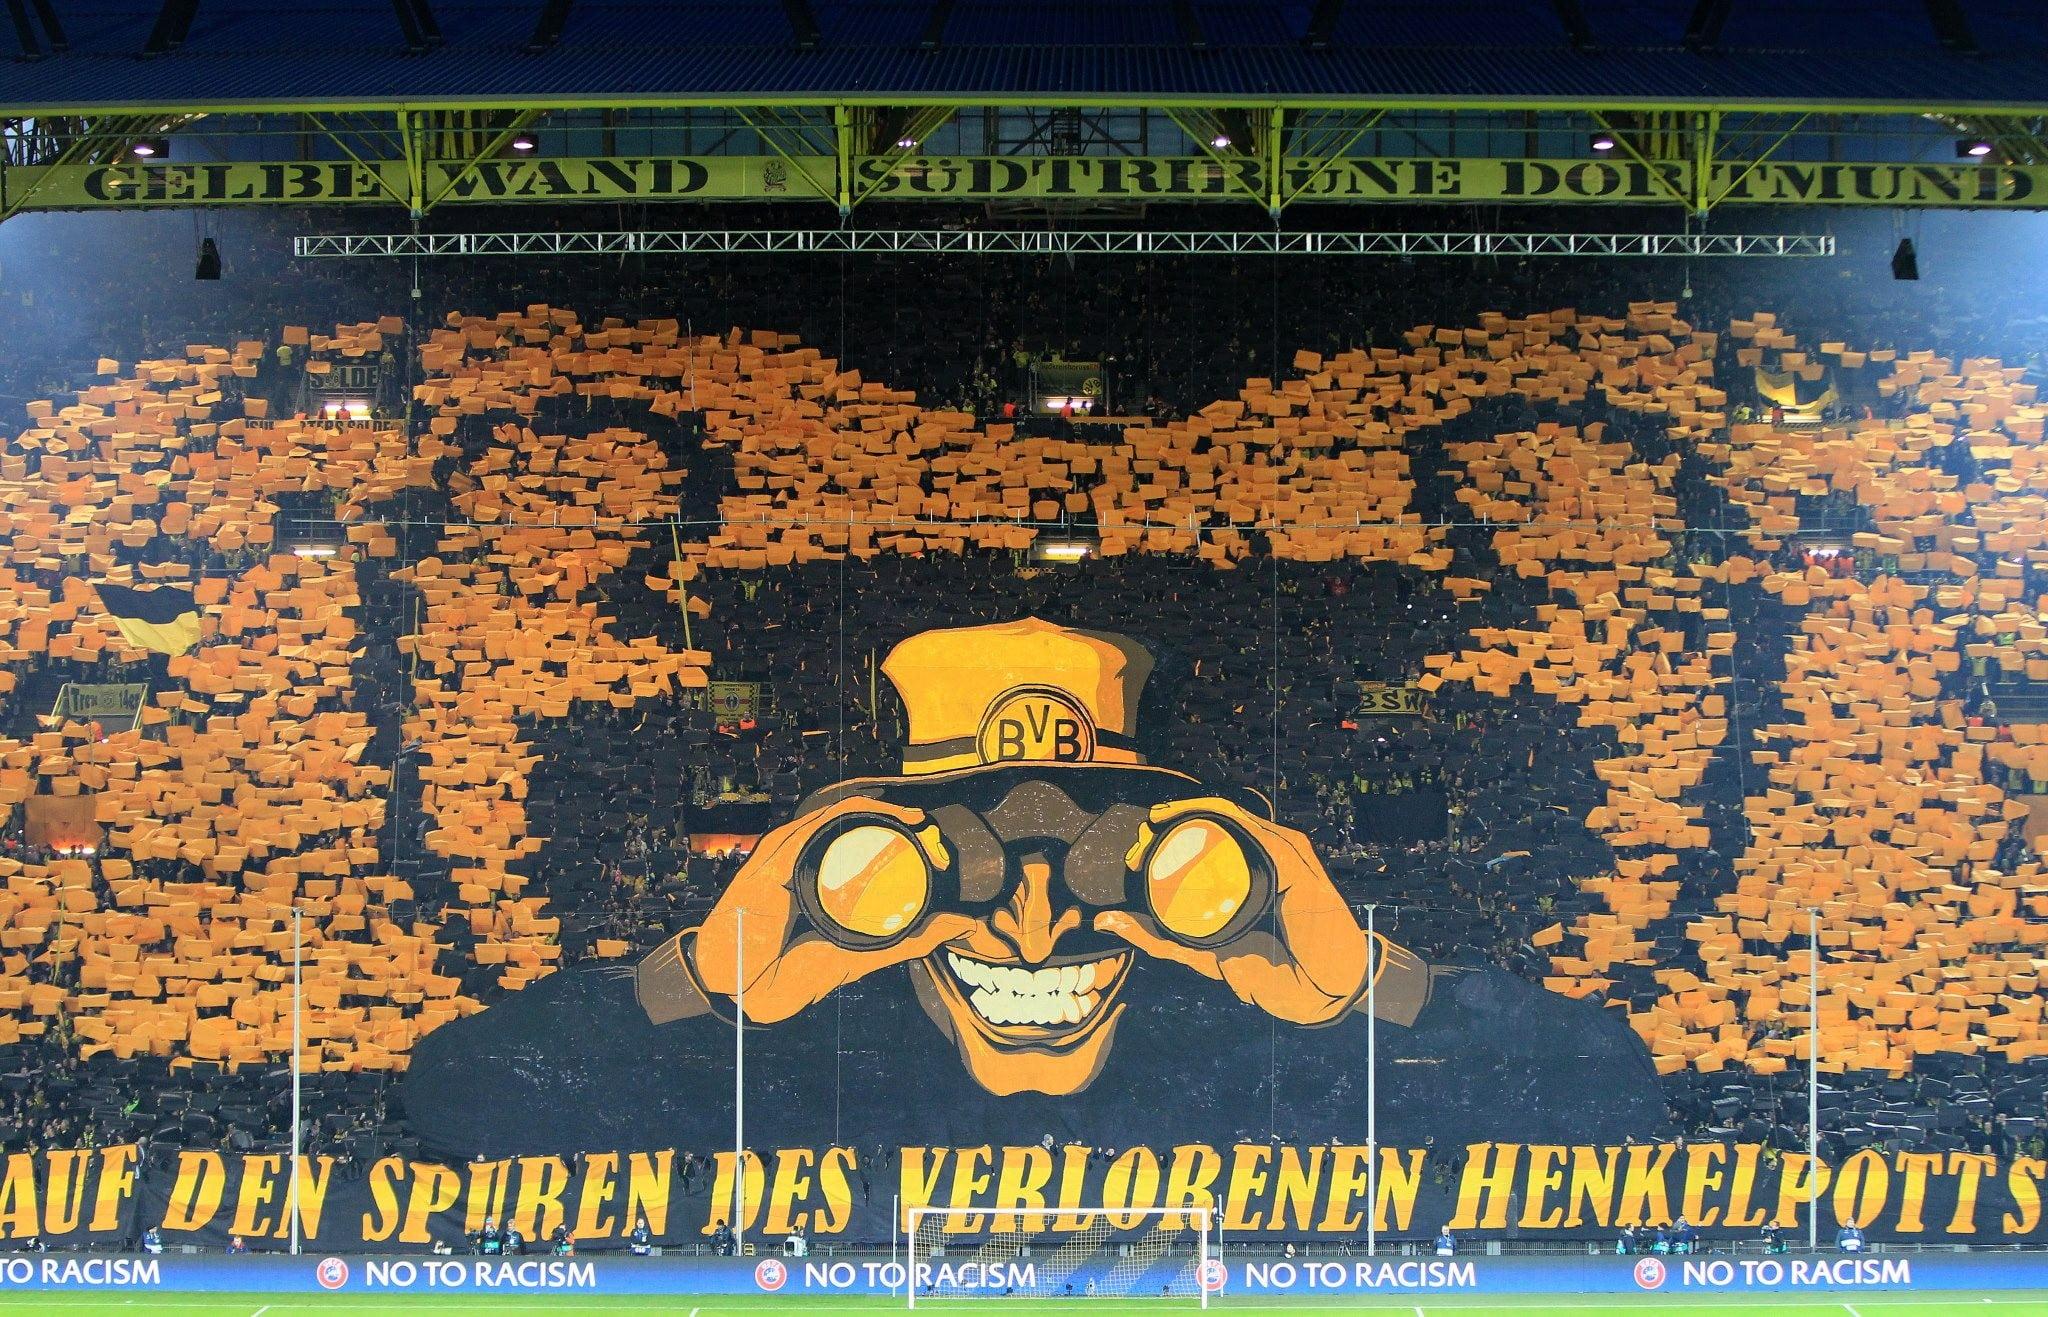 Auf Den Spuren Des Verlorenen Henkelpotts signboard soccer sport 2048x1317